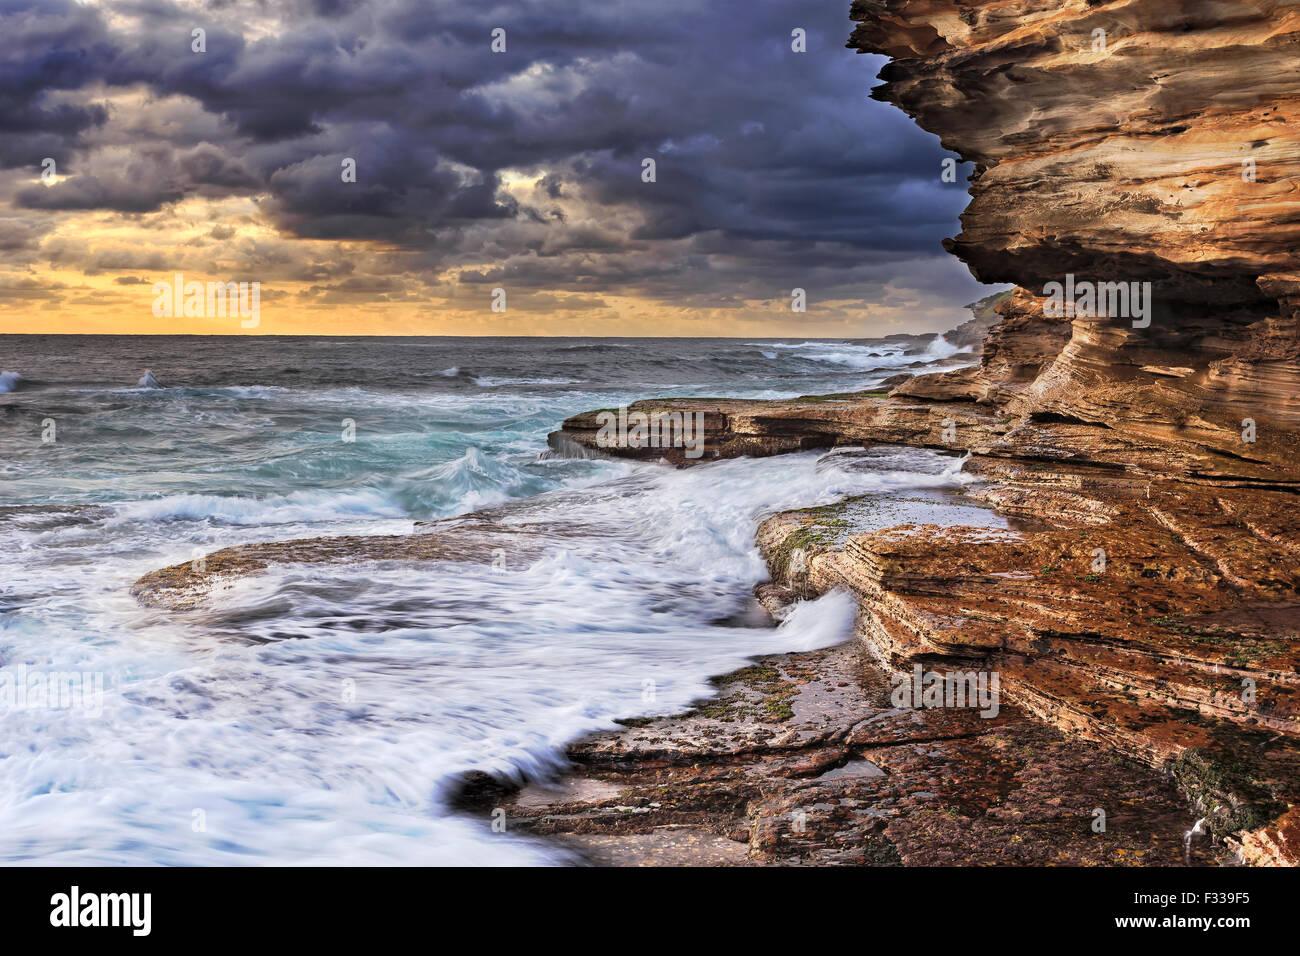 Oceano Pacifico onde infinite di minare le rocce di arenaria della costa australiana nei pressi di Sydney durante Foto Stock